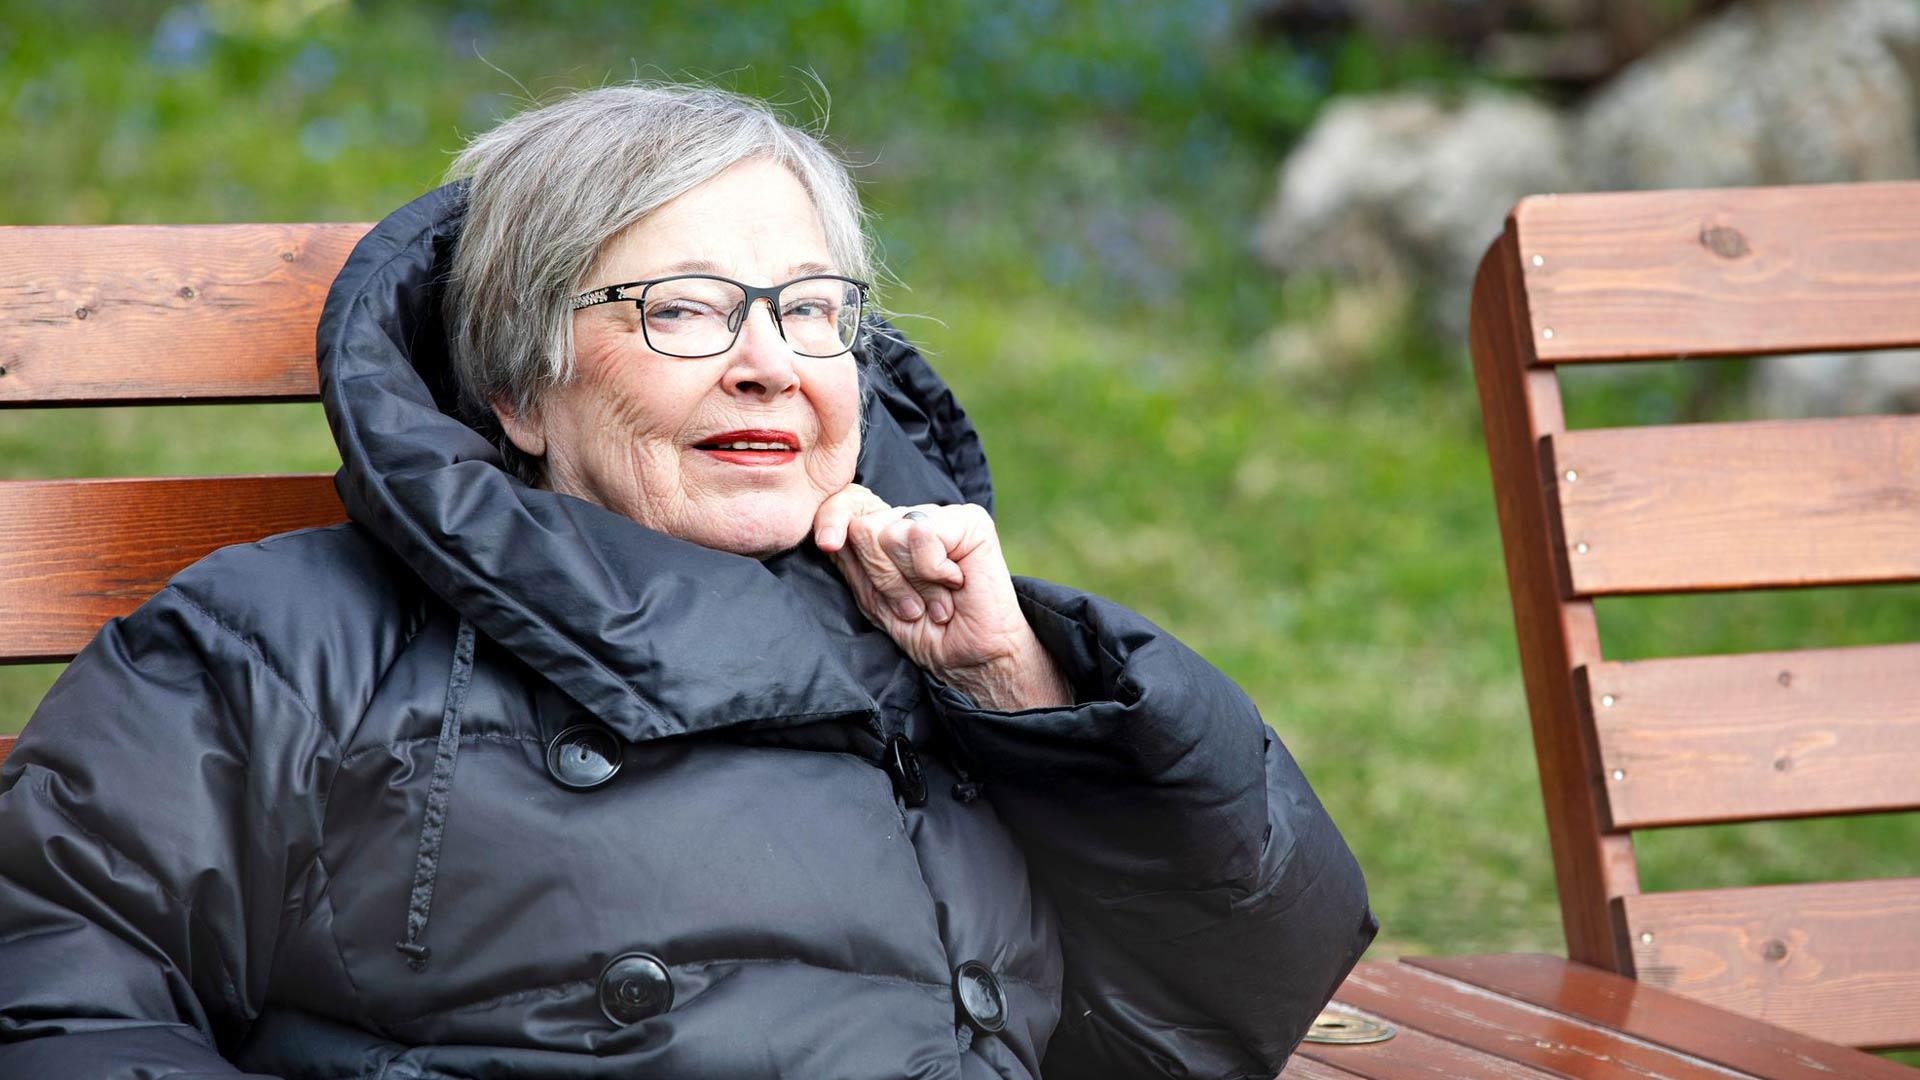 Liisa Santti saa voimia ja elämäniloa läheisistä ihmissuhteista, musiikista,  kirjoista ja elokuvista.